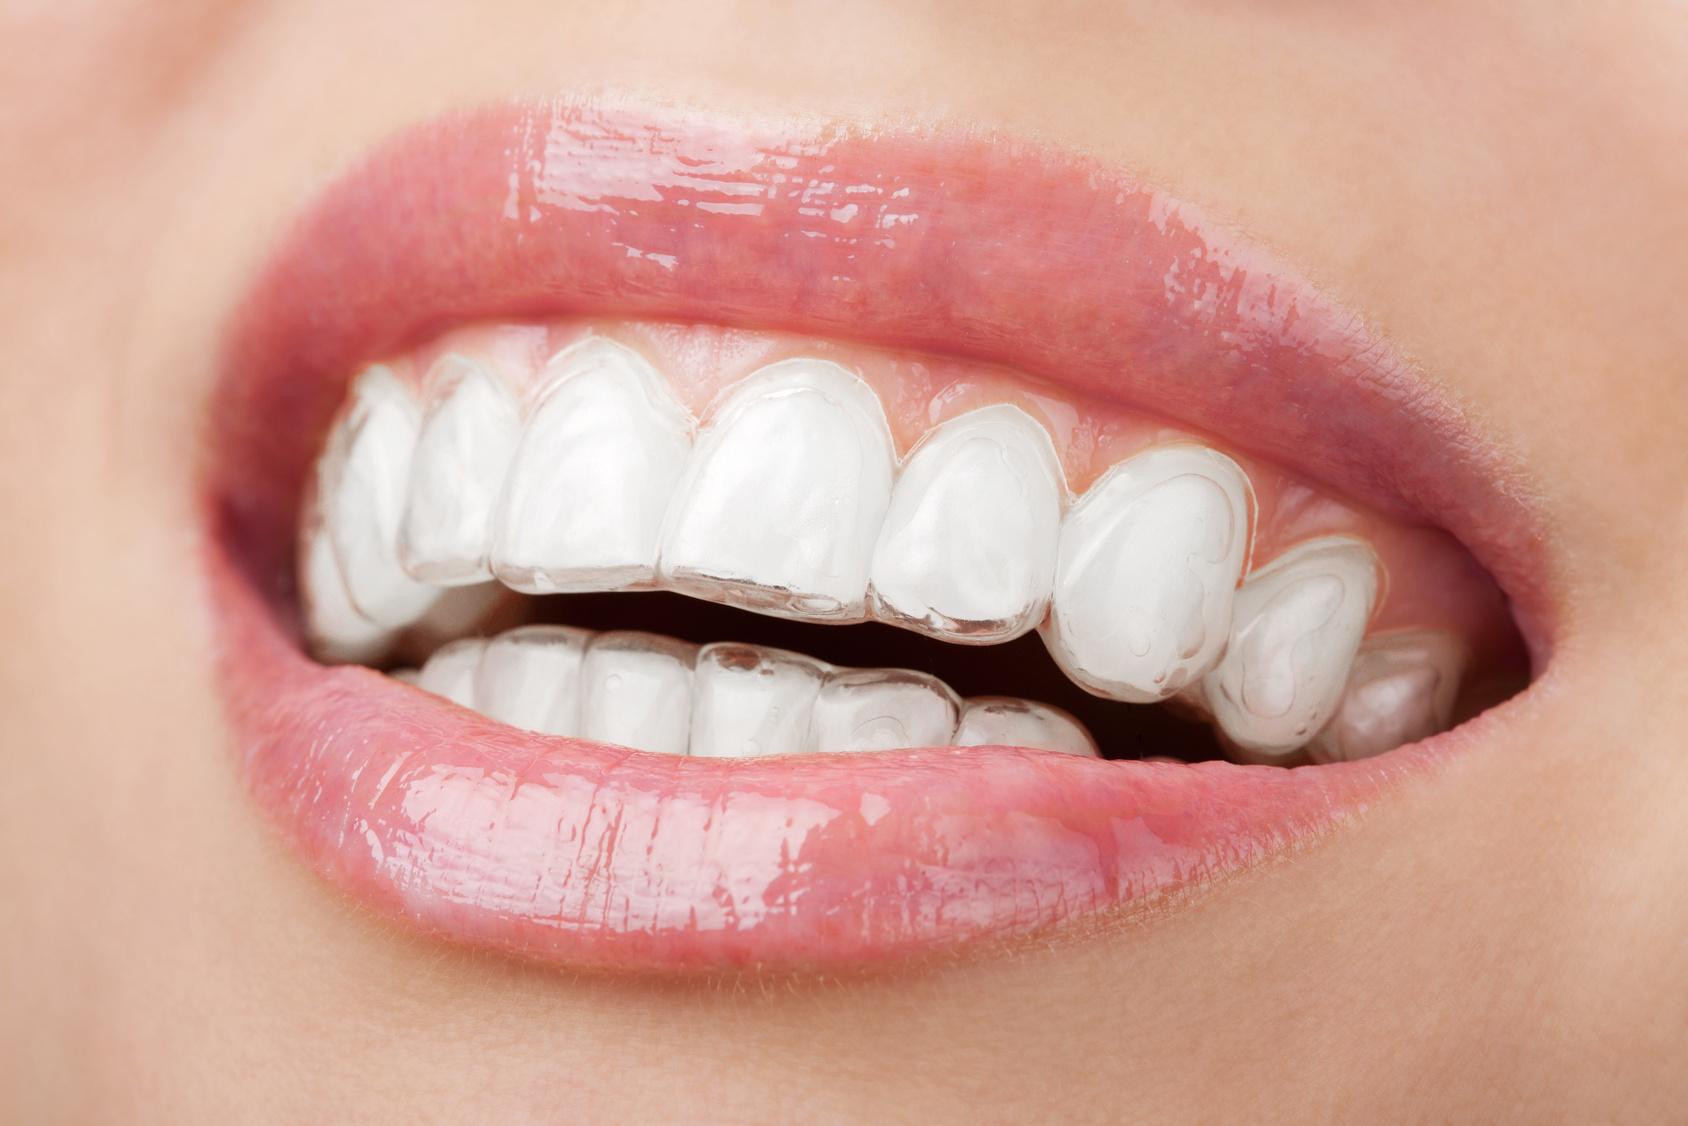 Капа на зубы - фото